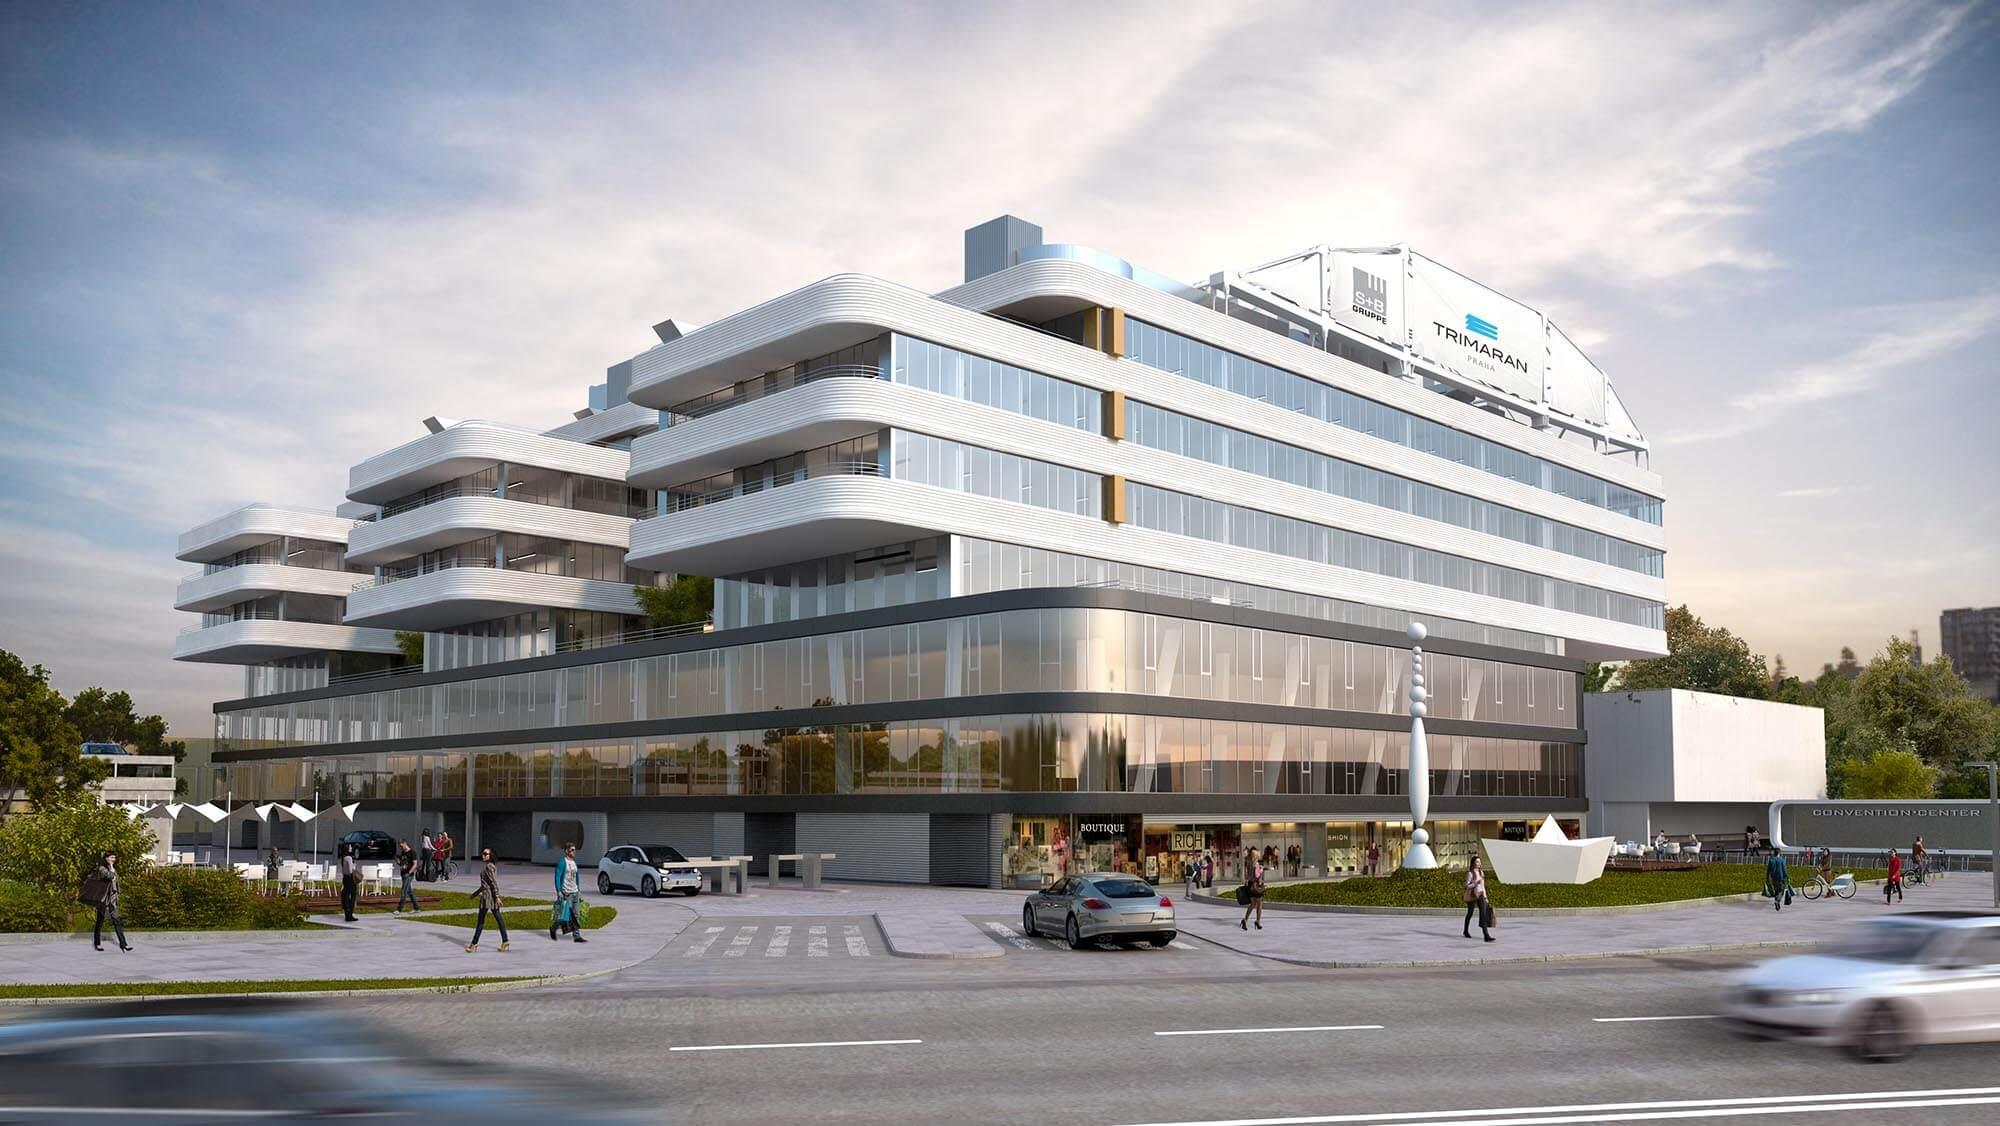 Wizualizacje architektoniczne budynku biurowego Trimaran Praha, Hoffmann - Janz Ziviltechniker-GmbH